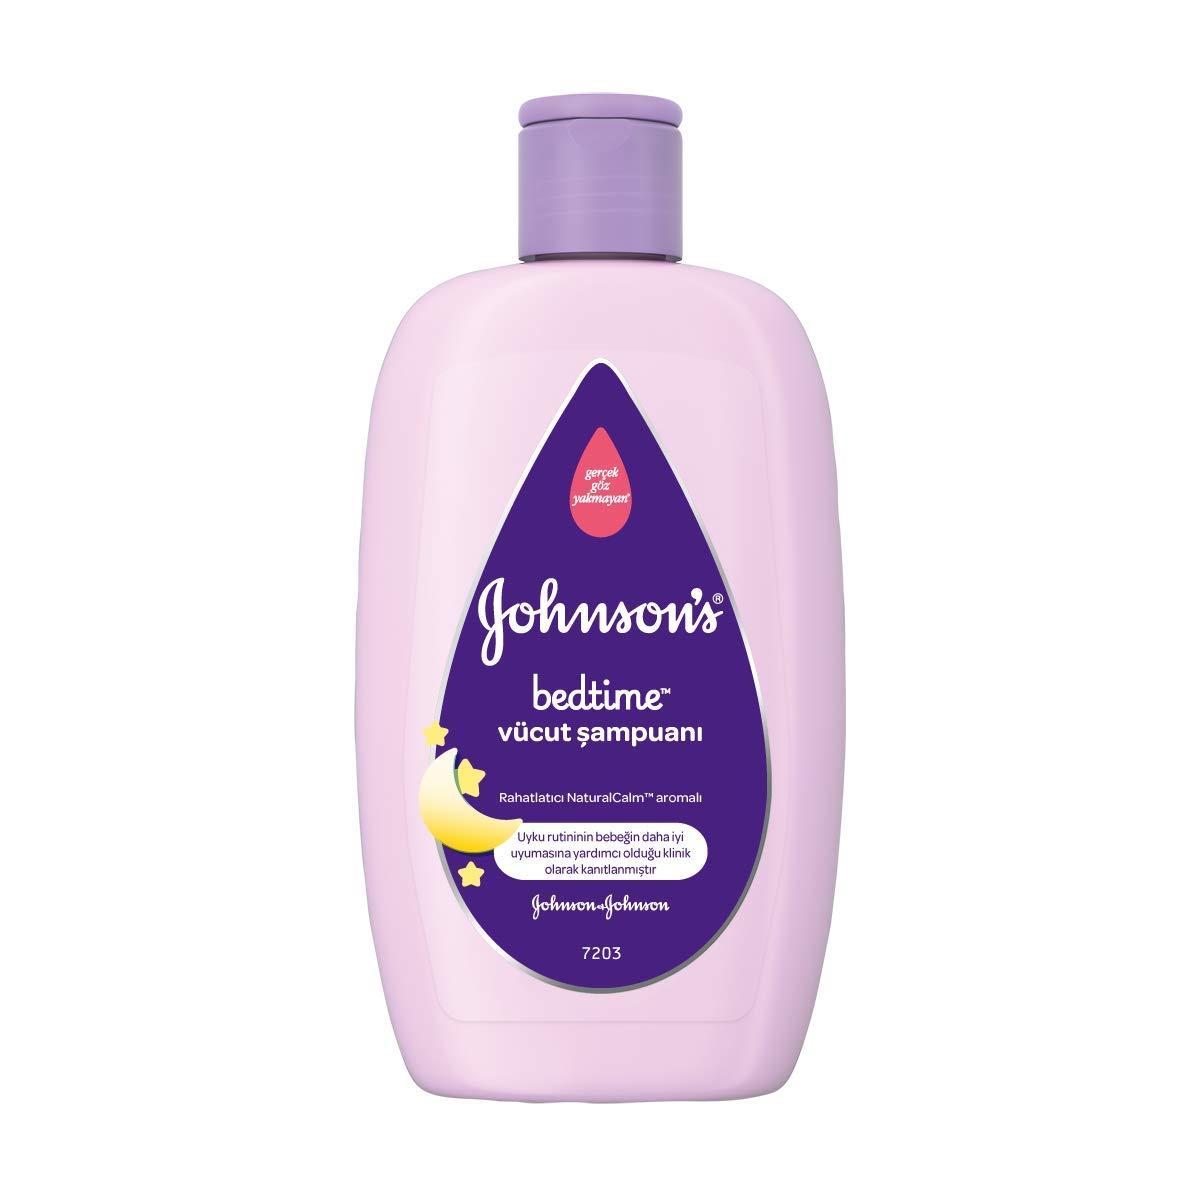 Johnson's Lit Bébé temps de bain, 300ml Johnson & Johnson 2733103